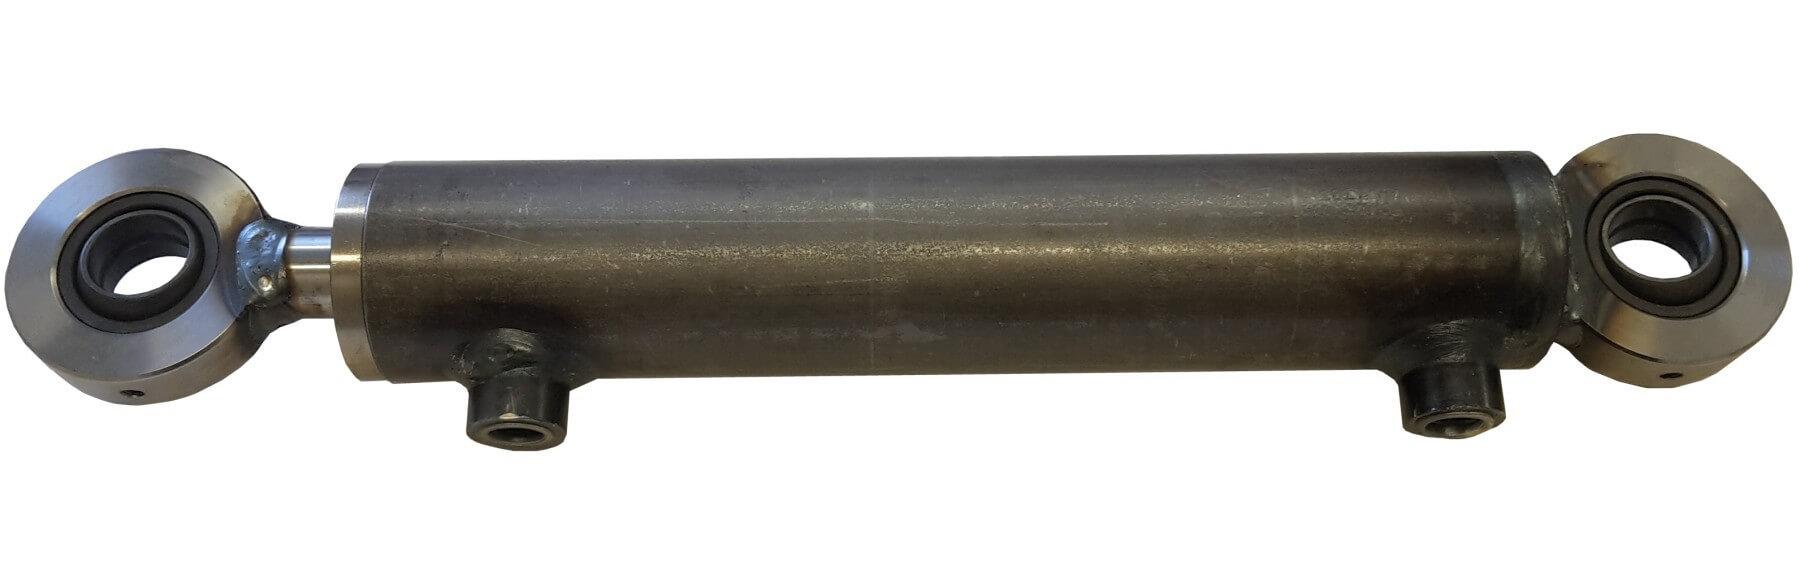 Hydraulisylinteri CL 80. 50. 400 GE - Kailatec Oy Verkkokauppa